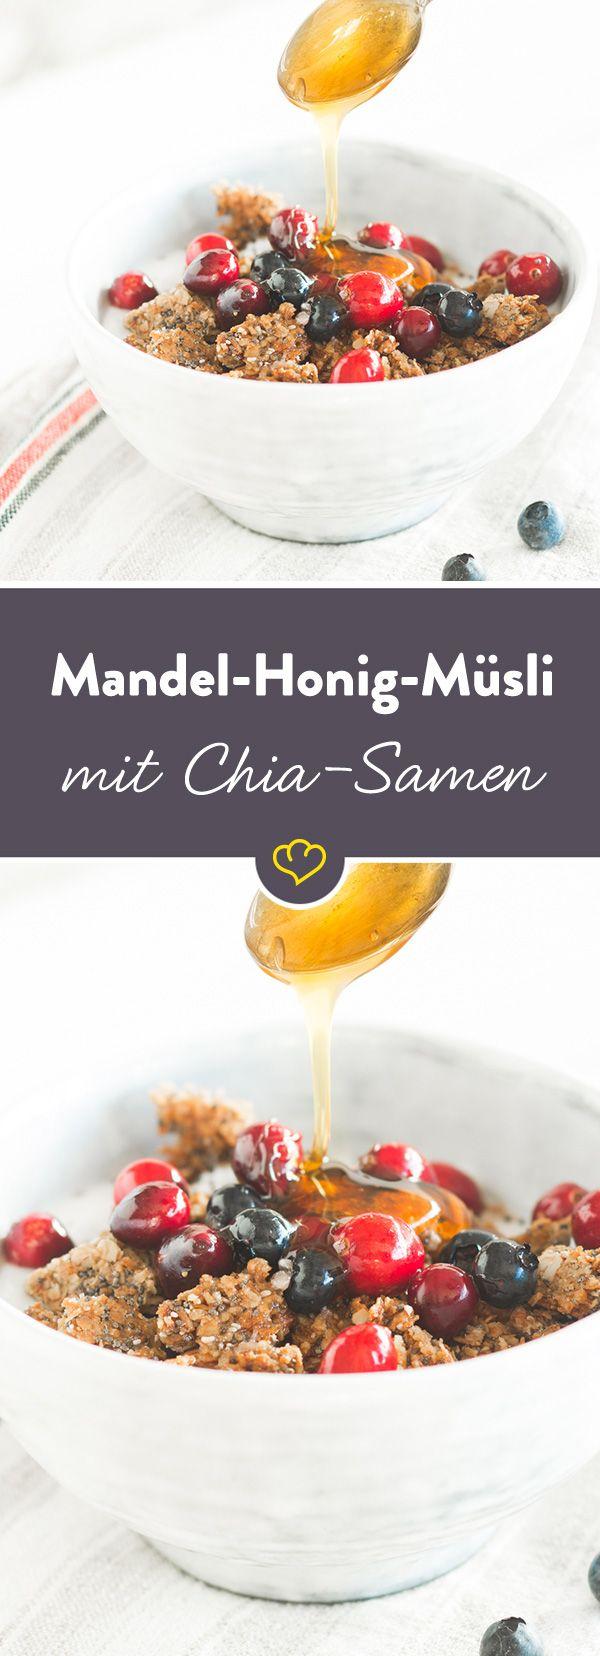 Mit diesem Müsli lockst du Morgenmuffel aus dem Bett. Die Basis: Haferflocken - getoppt von Mandeln, Kokosflocken und gesunden Chia-Samen.